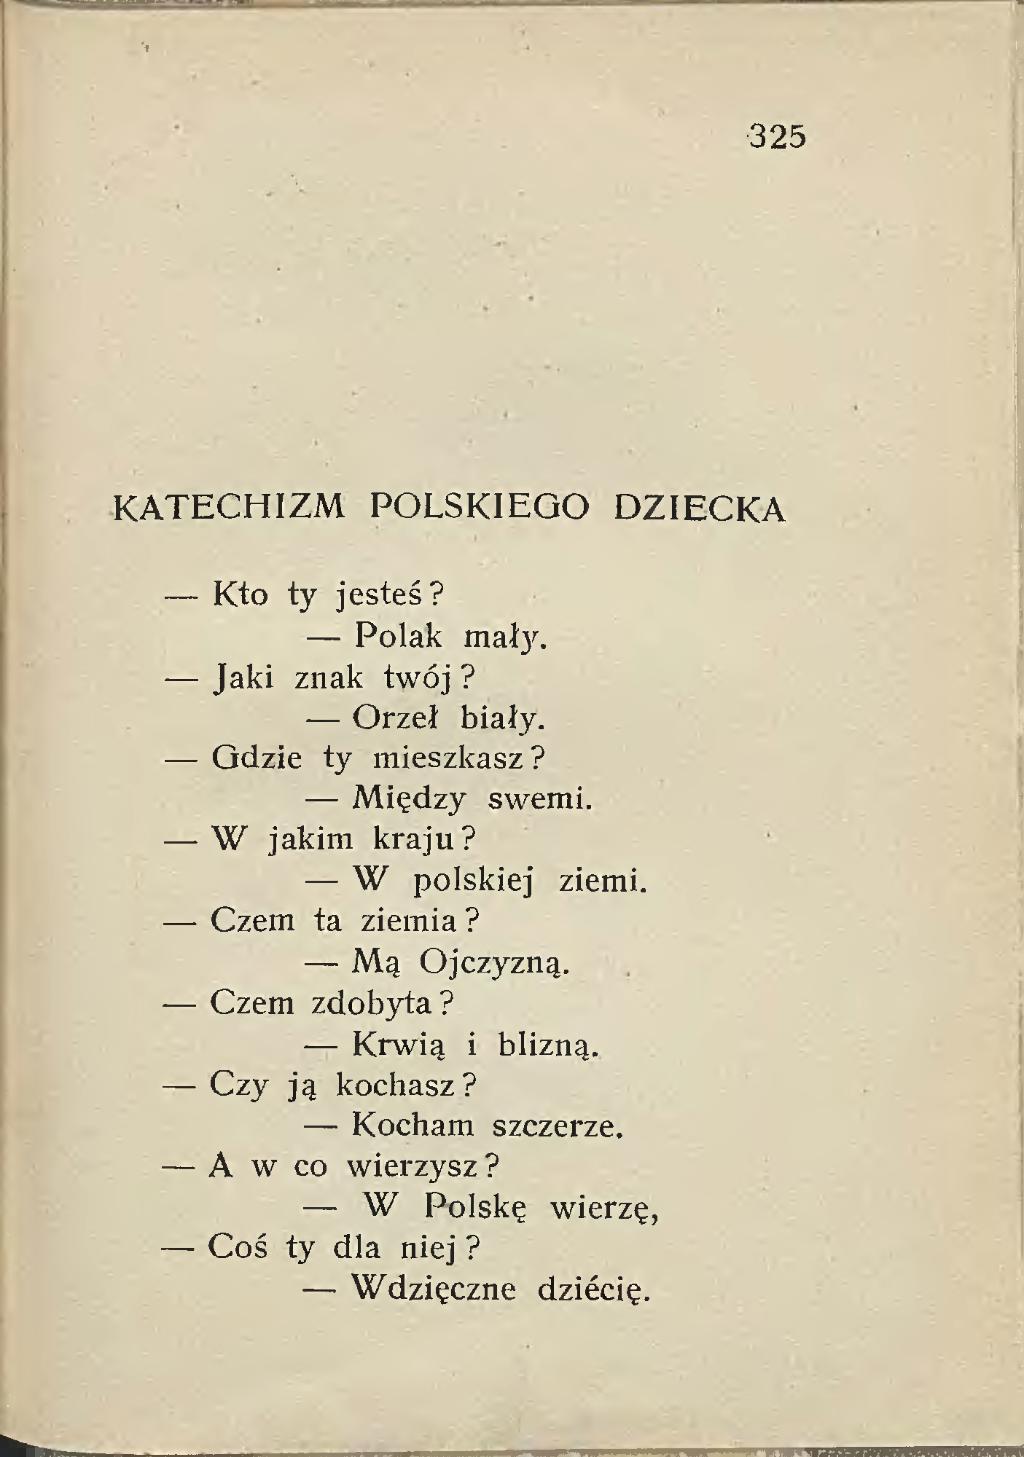 Stronapl Władysław Bełza Dla Polskich Dziecidjvu353